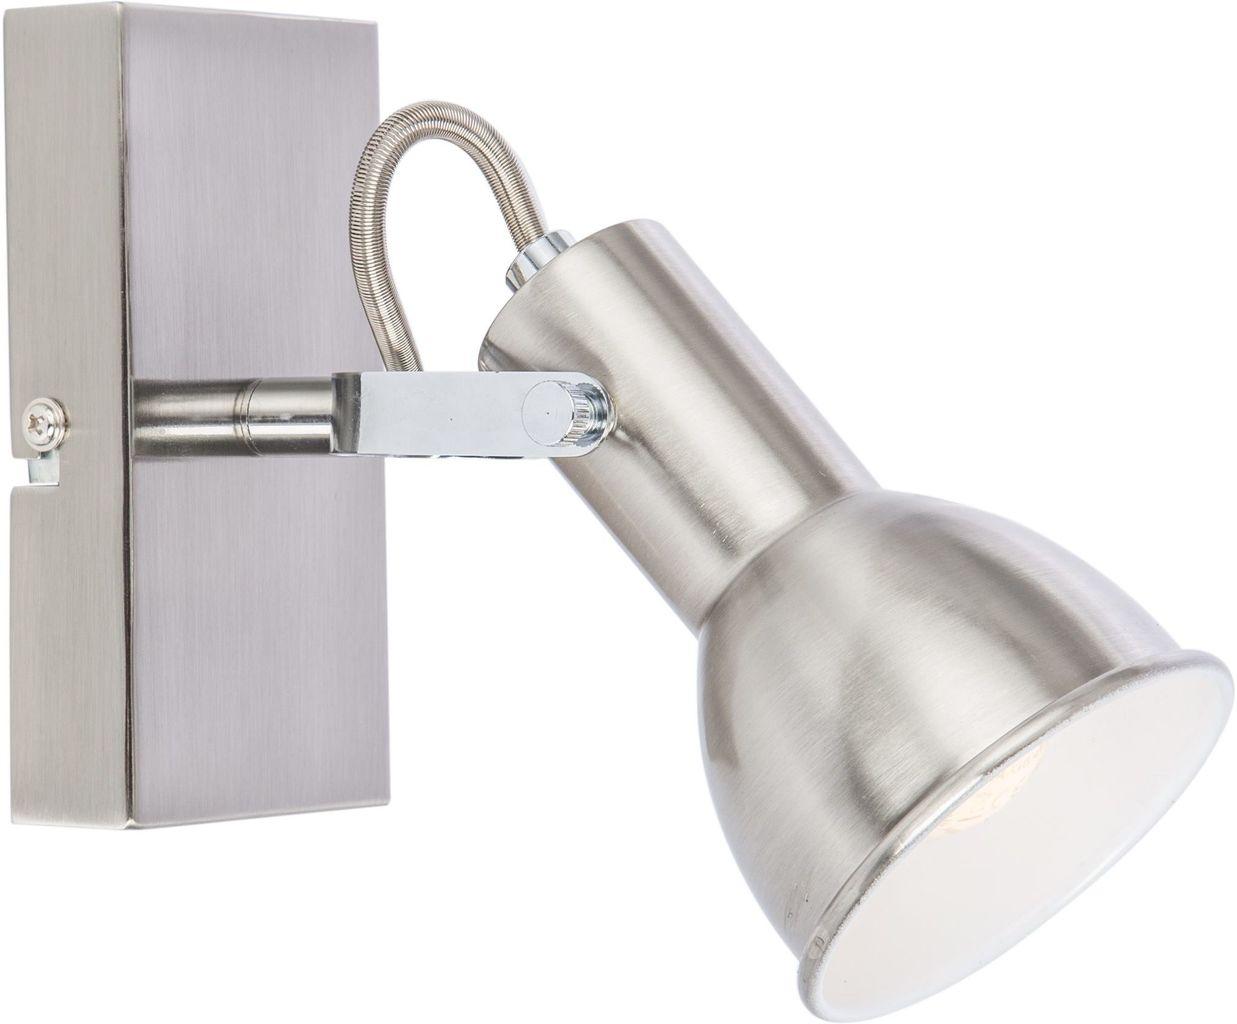 Globo Wandstrahler FARGO Strahler, Silber, Metall/Nickel/Stahl, 54642-1